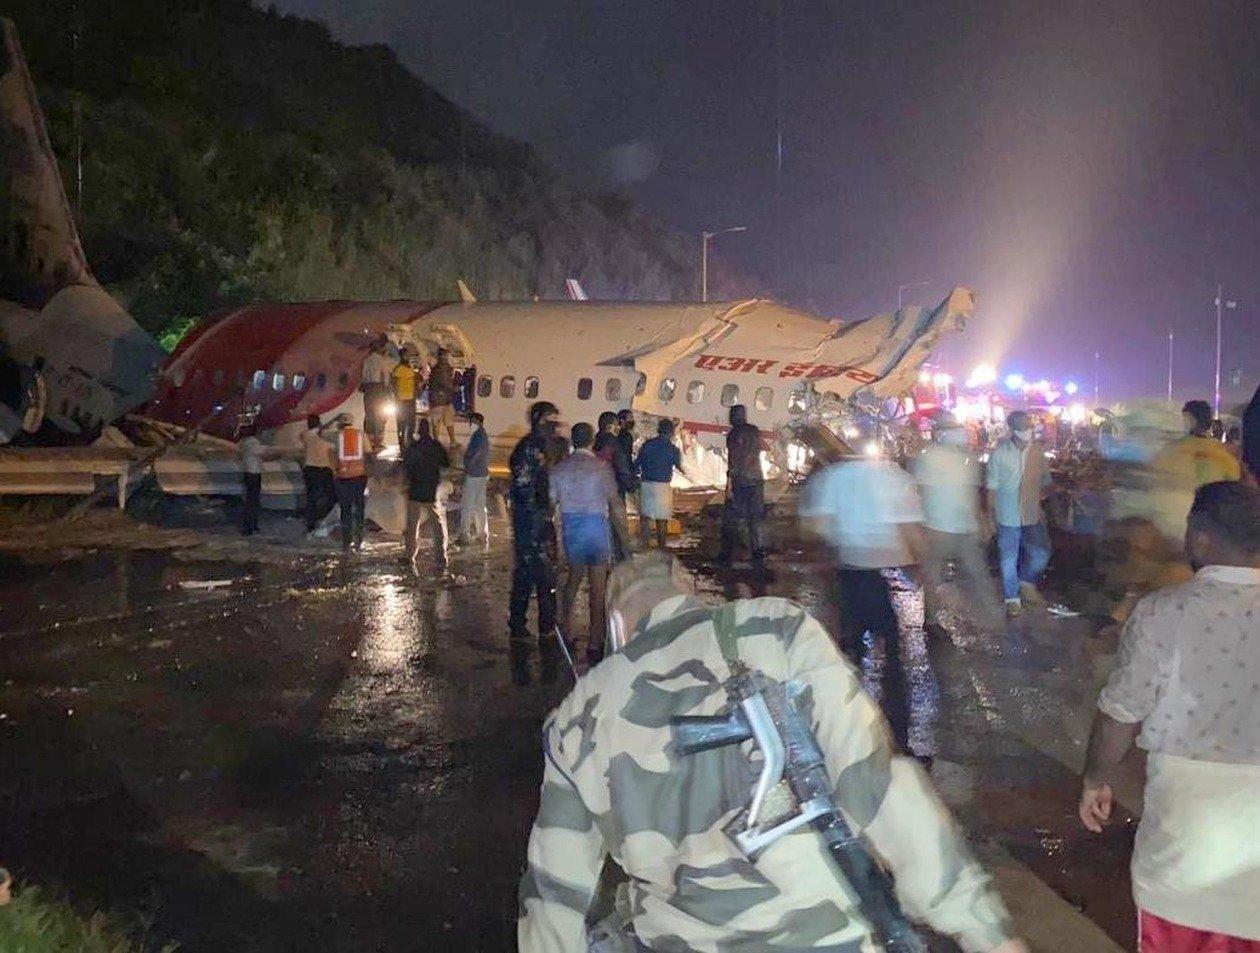 В Индии самолет с 190 пассажирами развалился на части: пилот погиб, число жертв растет